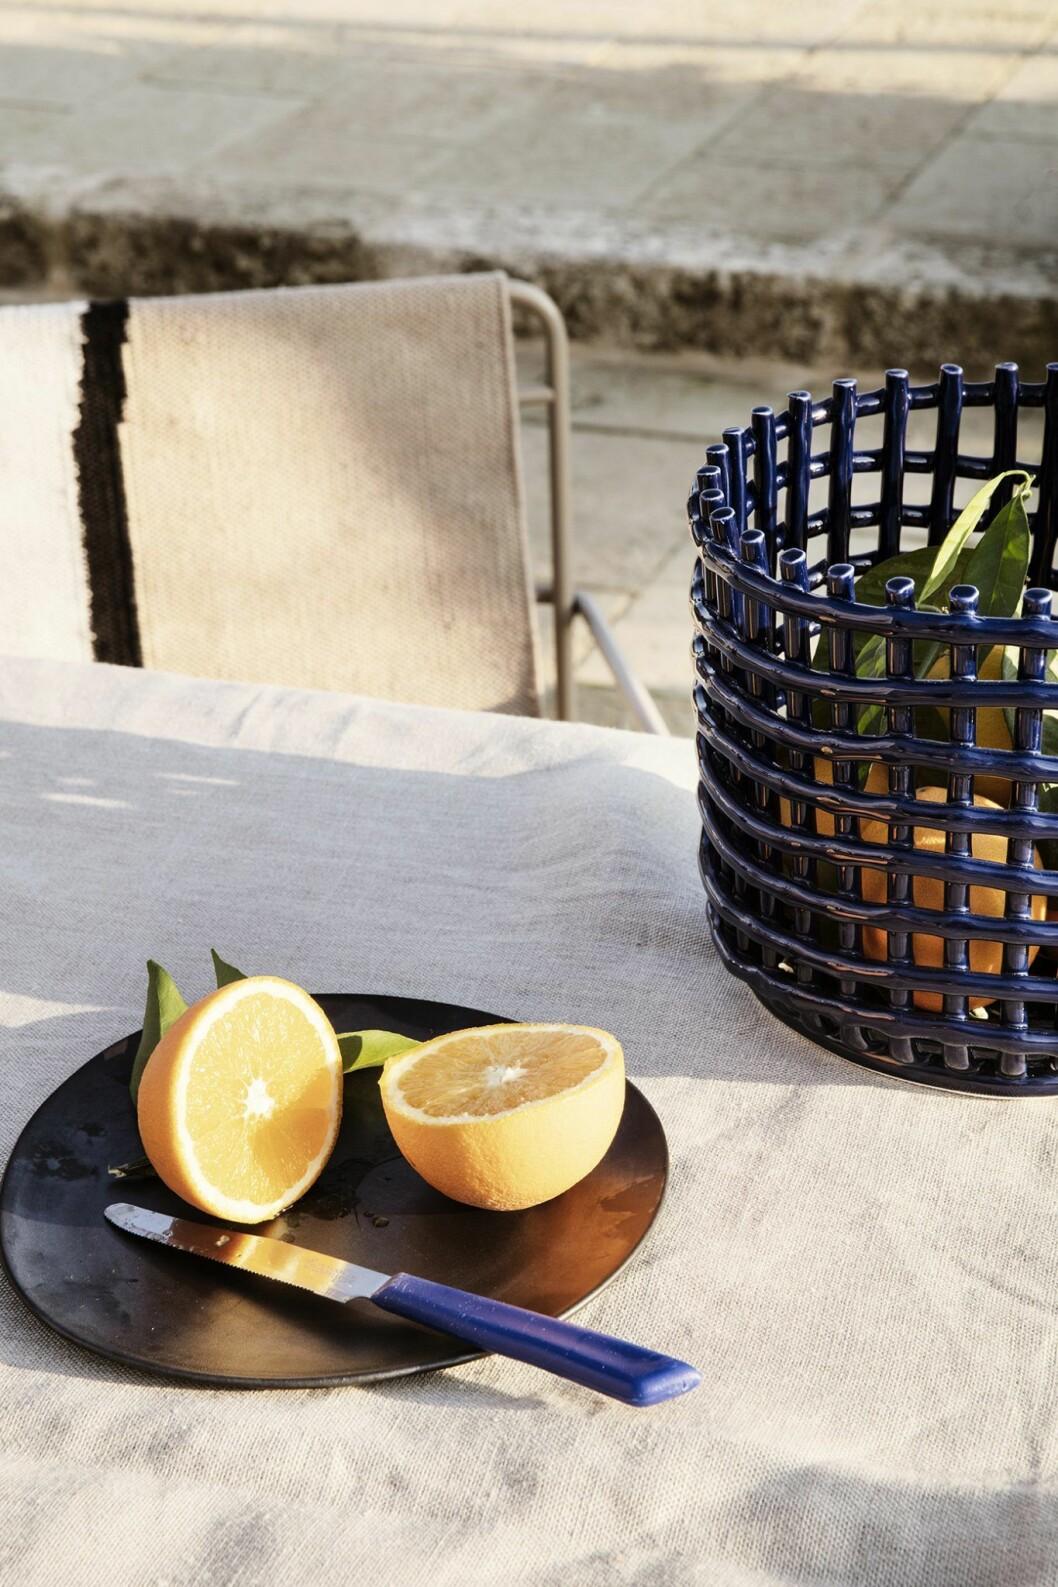 Sommarens ruta kommer i alla möjliga former. Ferm Living tolkar den som en modern detalj i sina glaserade keramikkorgar.